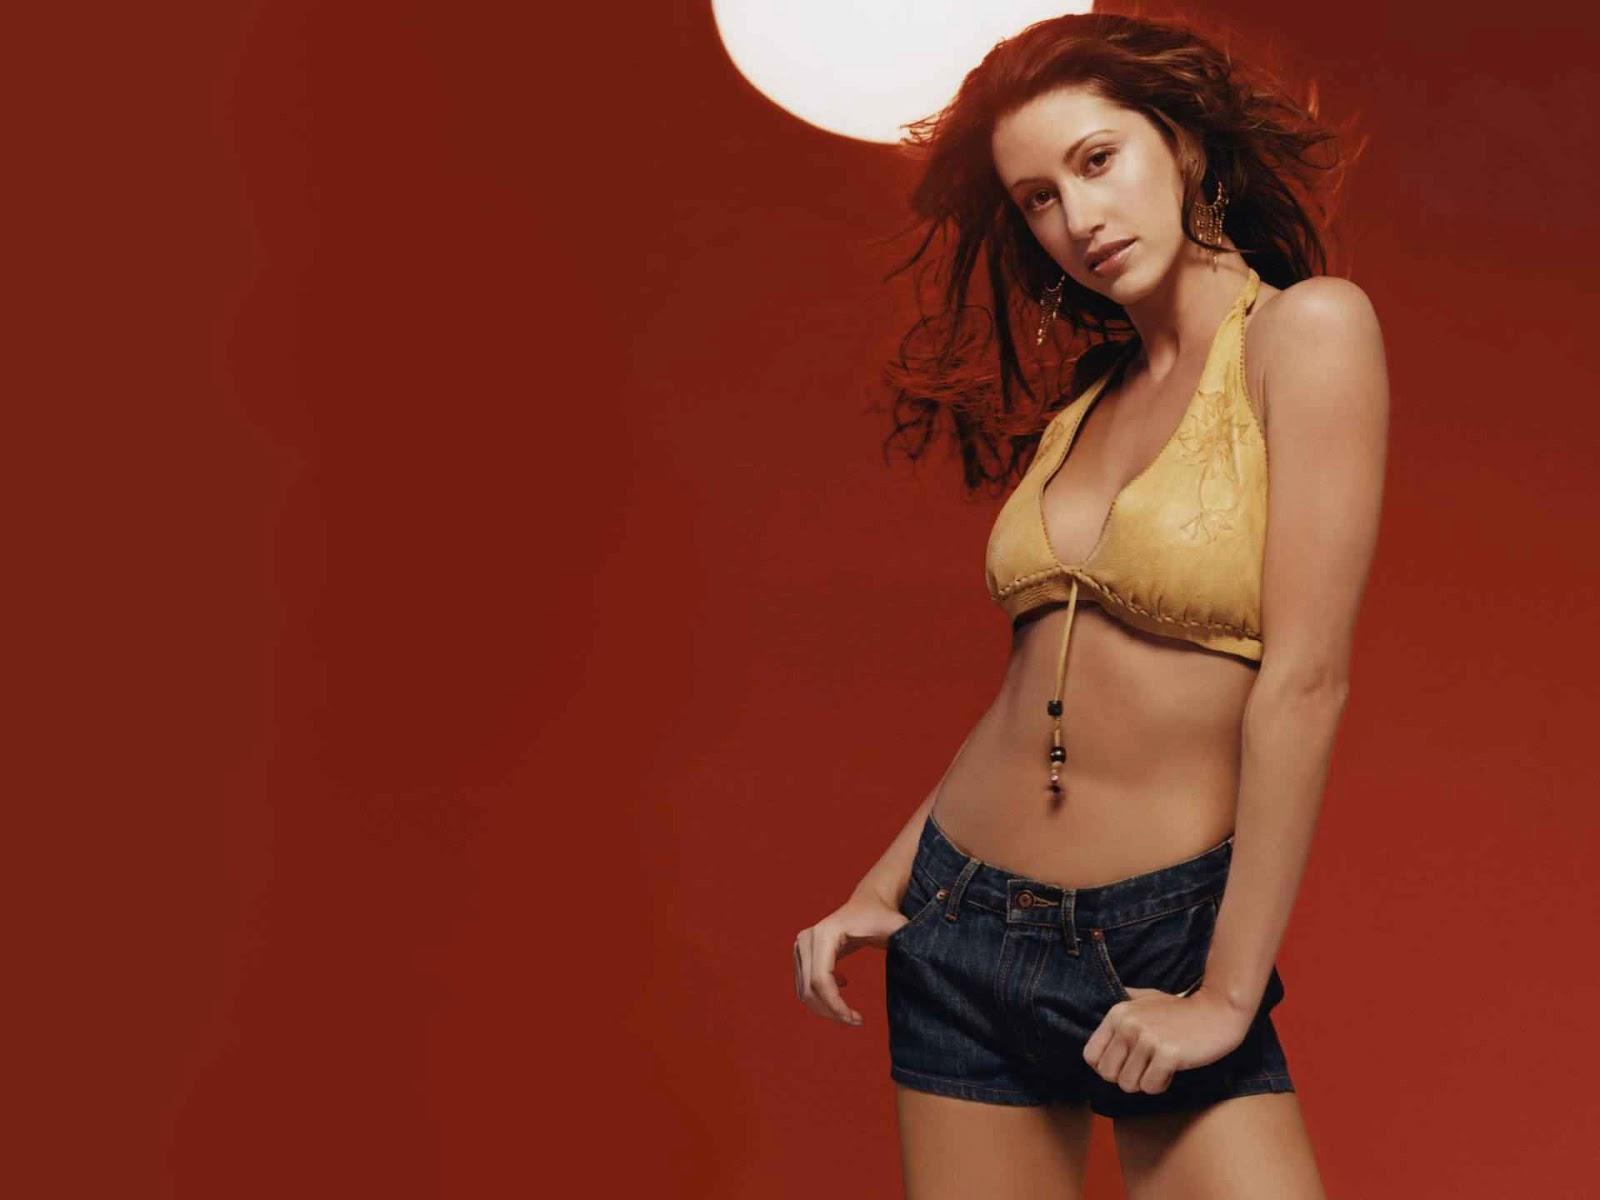 Shannon Elizabeth Hd Pics, Shannon Elizabeth Cute Style, Shannon